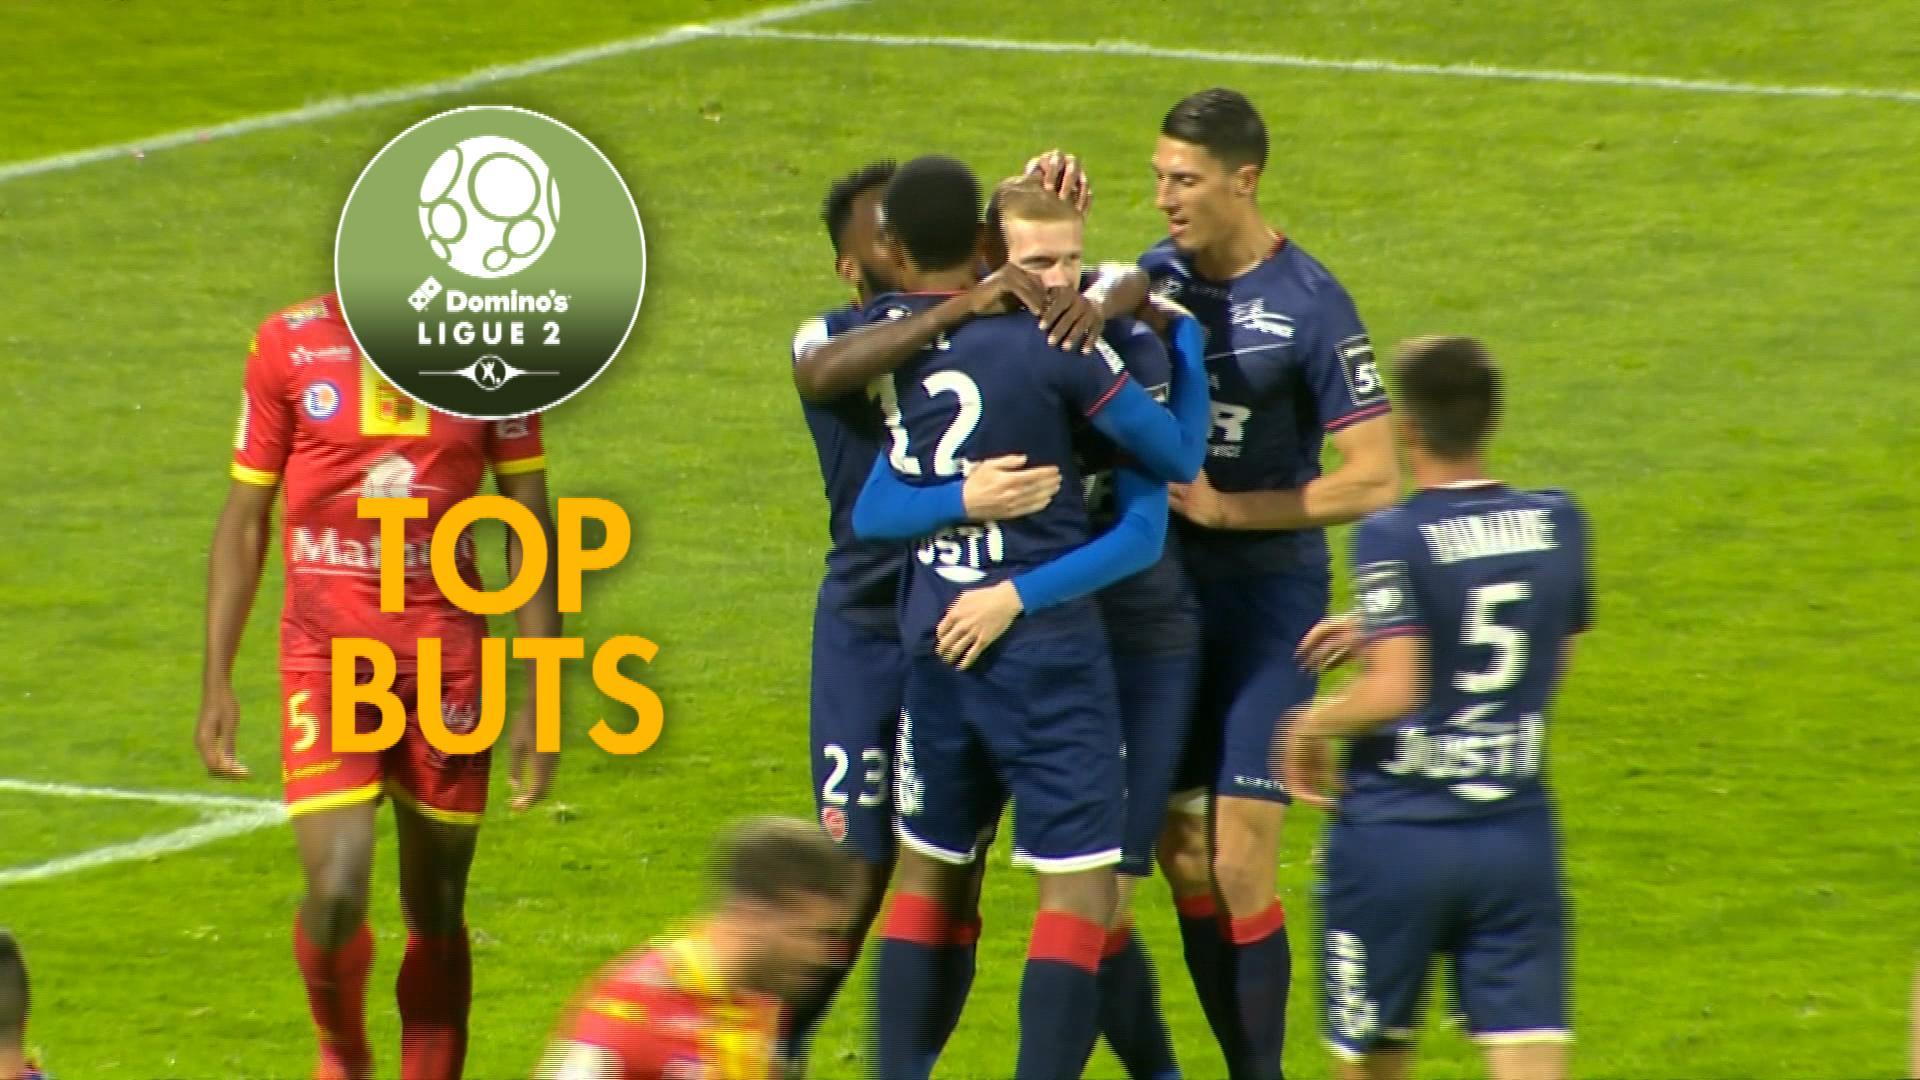 Top buts 36ème journée – Domino's Ligue 2 / 2017-18